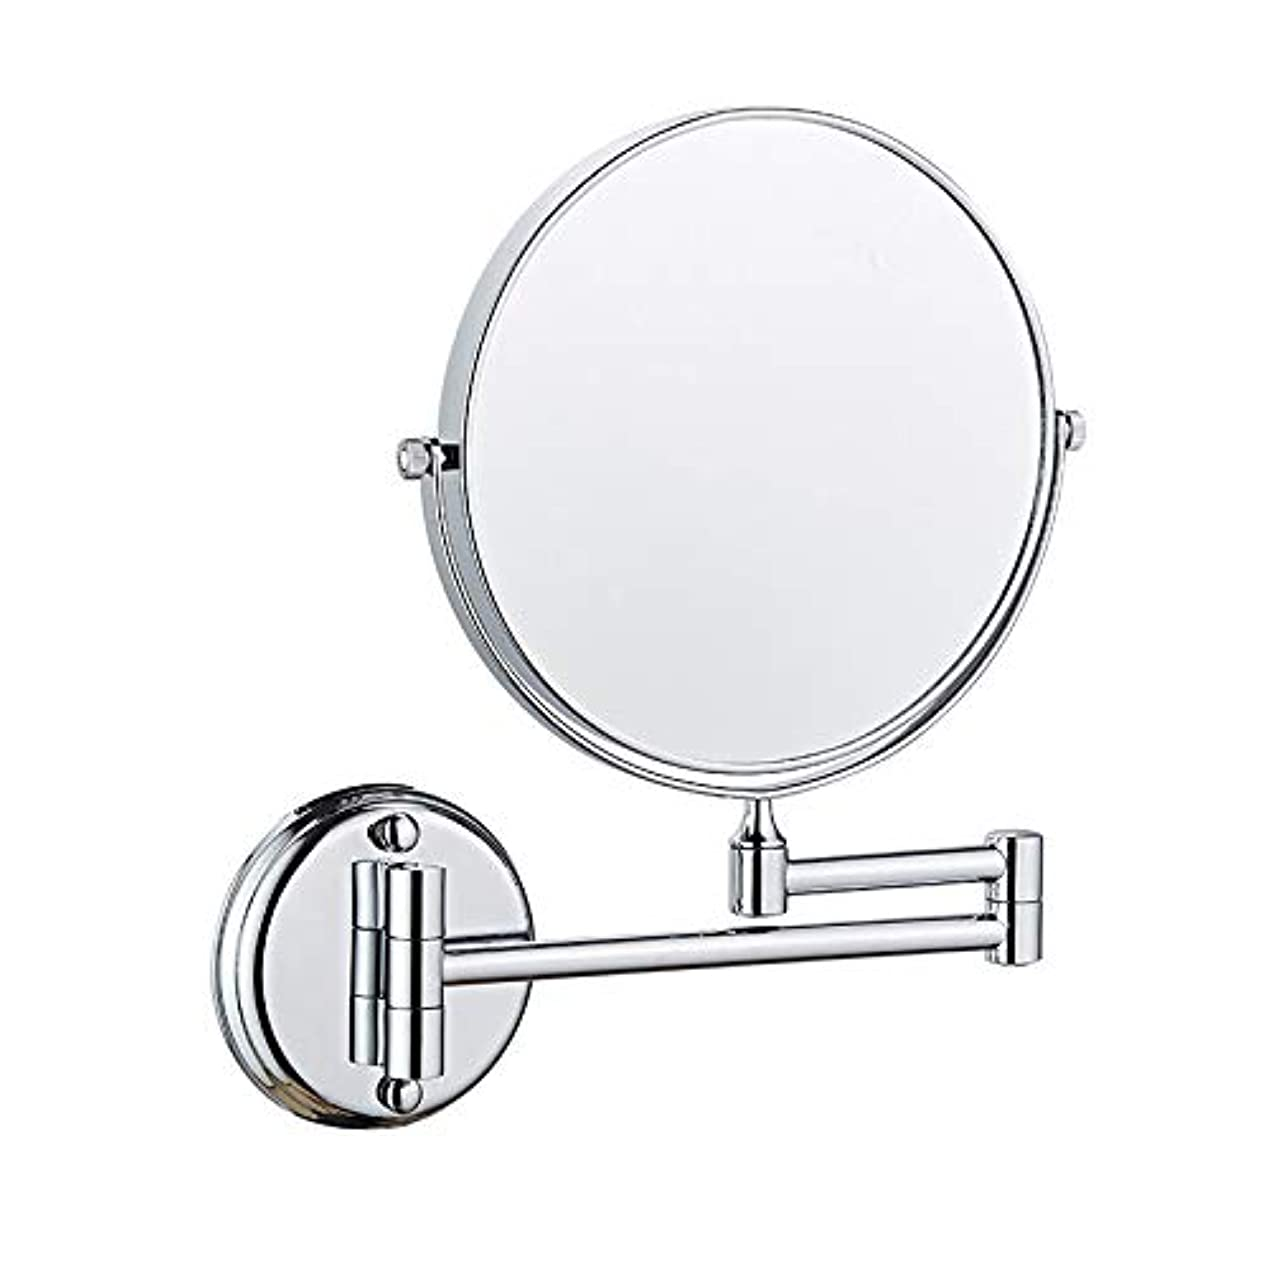 化粧鏡, バスルーム用化粧鏡, 無料調整 格納式、回転式、クロム、装飾ミラークリエイティブウォールマウントバスルームのメイクミラー 浴室用リビングルーム - 銀 8inch 5X 拡大鏡